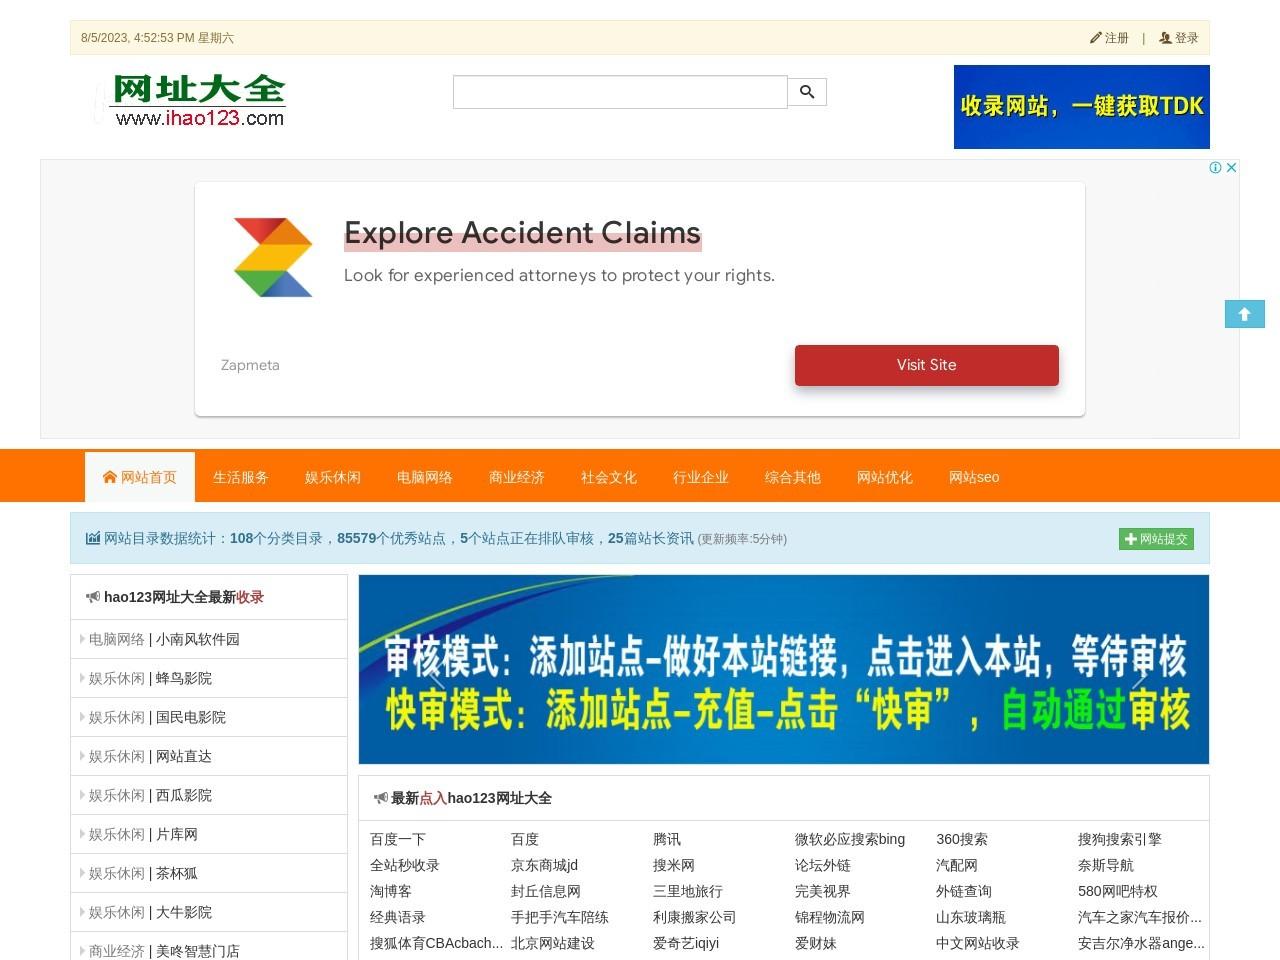 网站目录_分类目录_hao123网站目录_www.ihao123.com